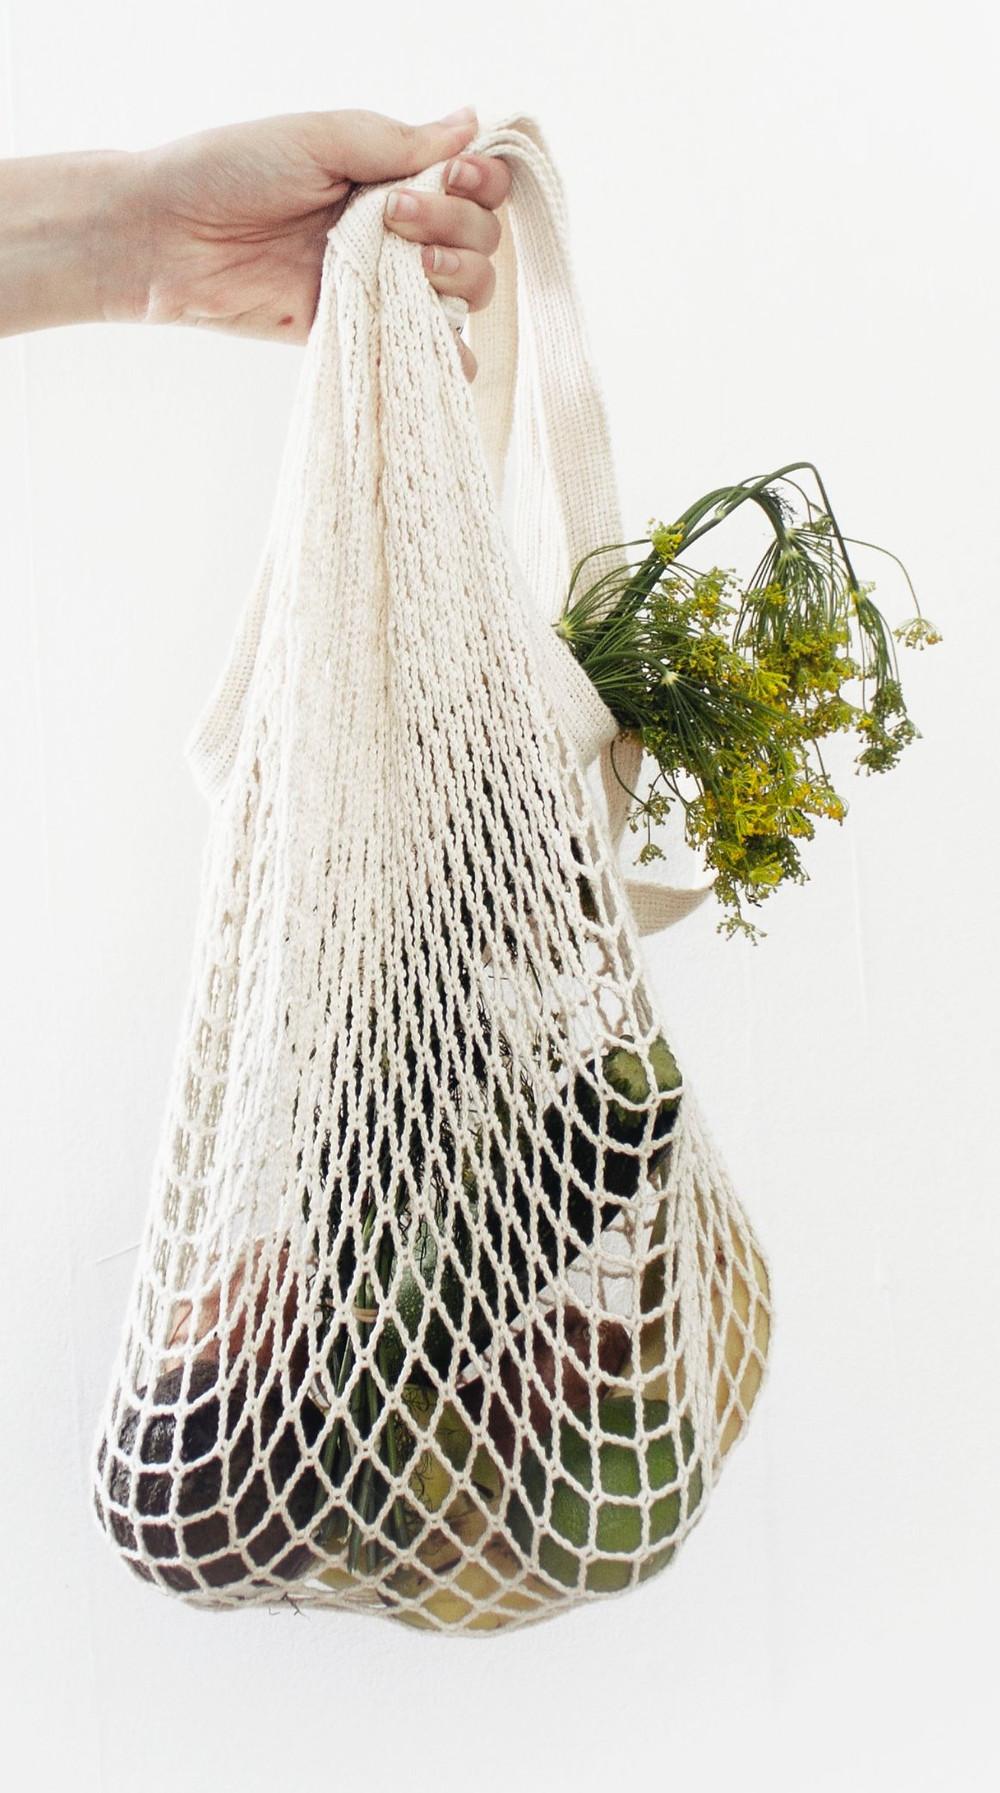 Reusable food packaging